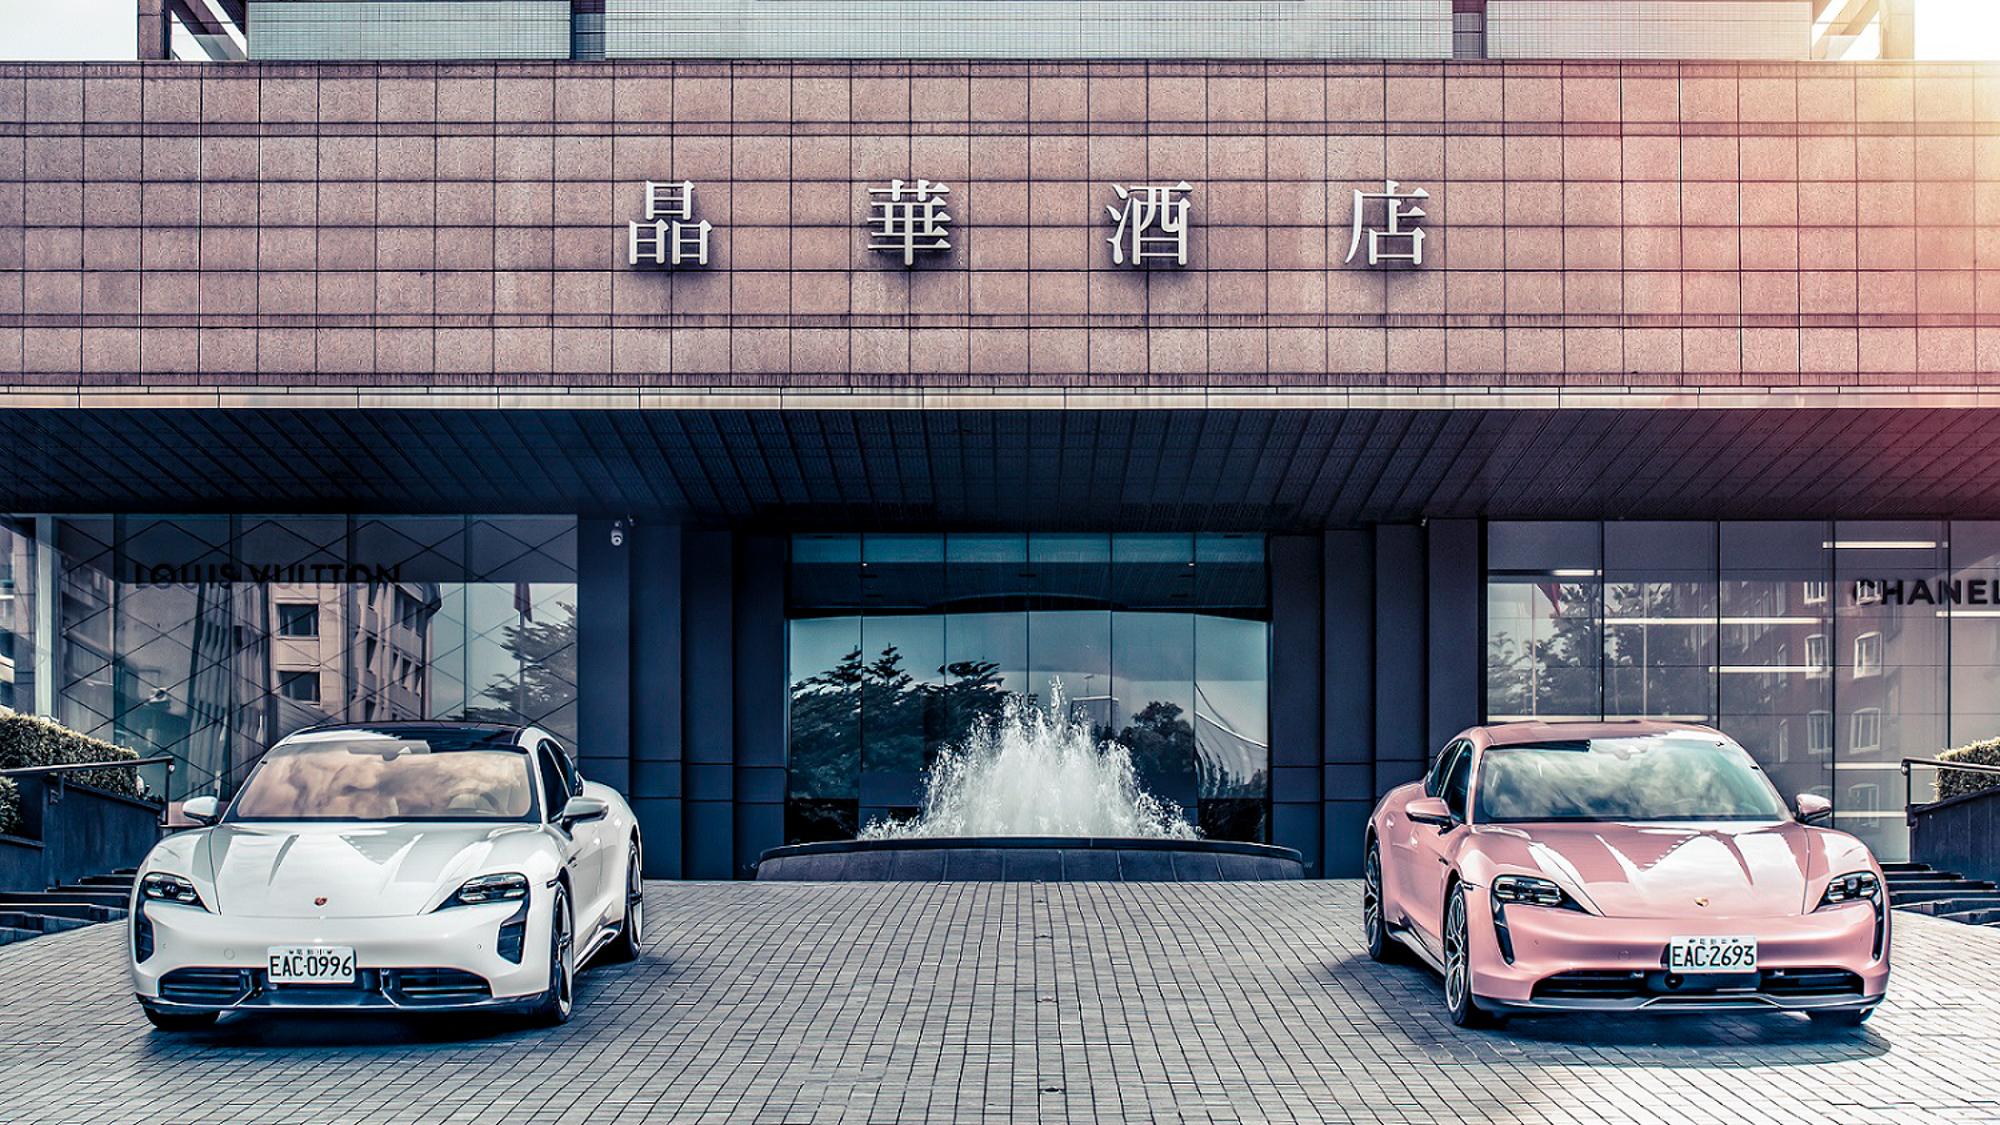 ▲ 台灣保時捷與晶華酒店合作 提供車主充電服務